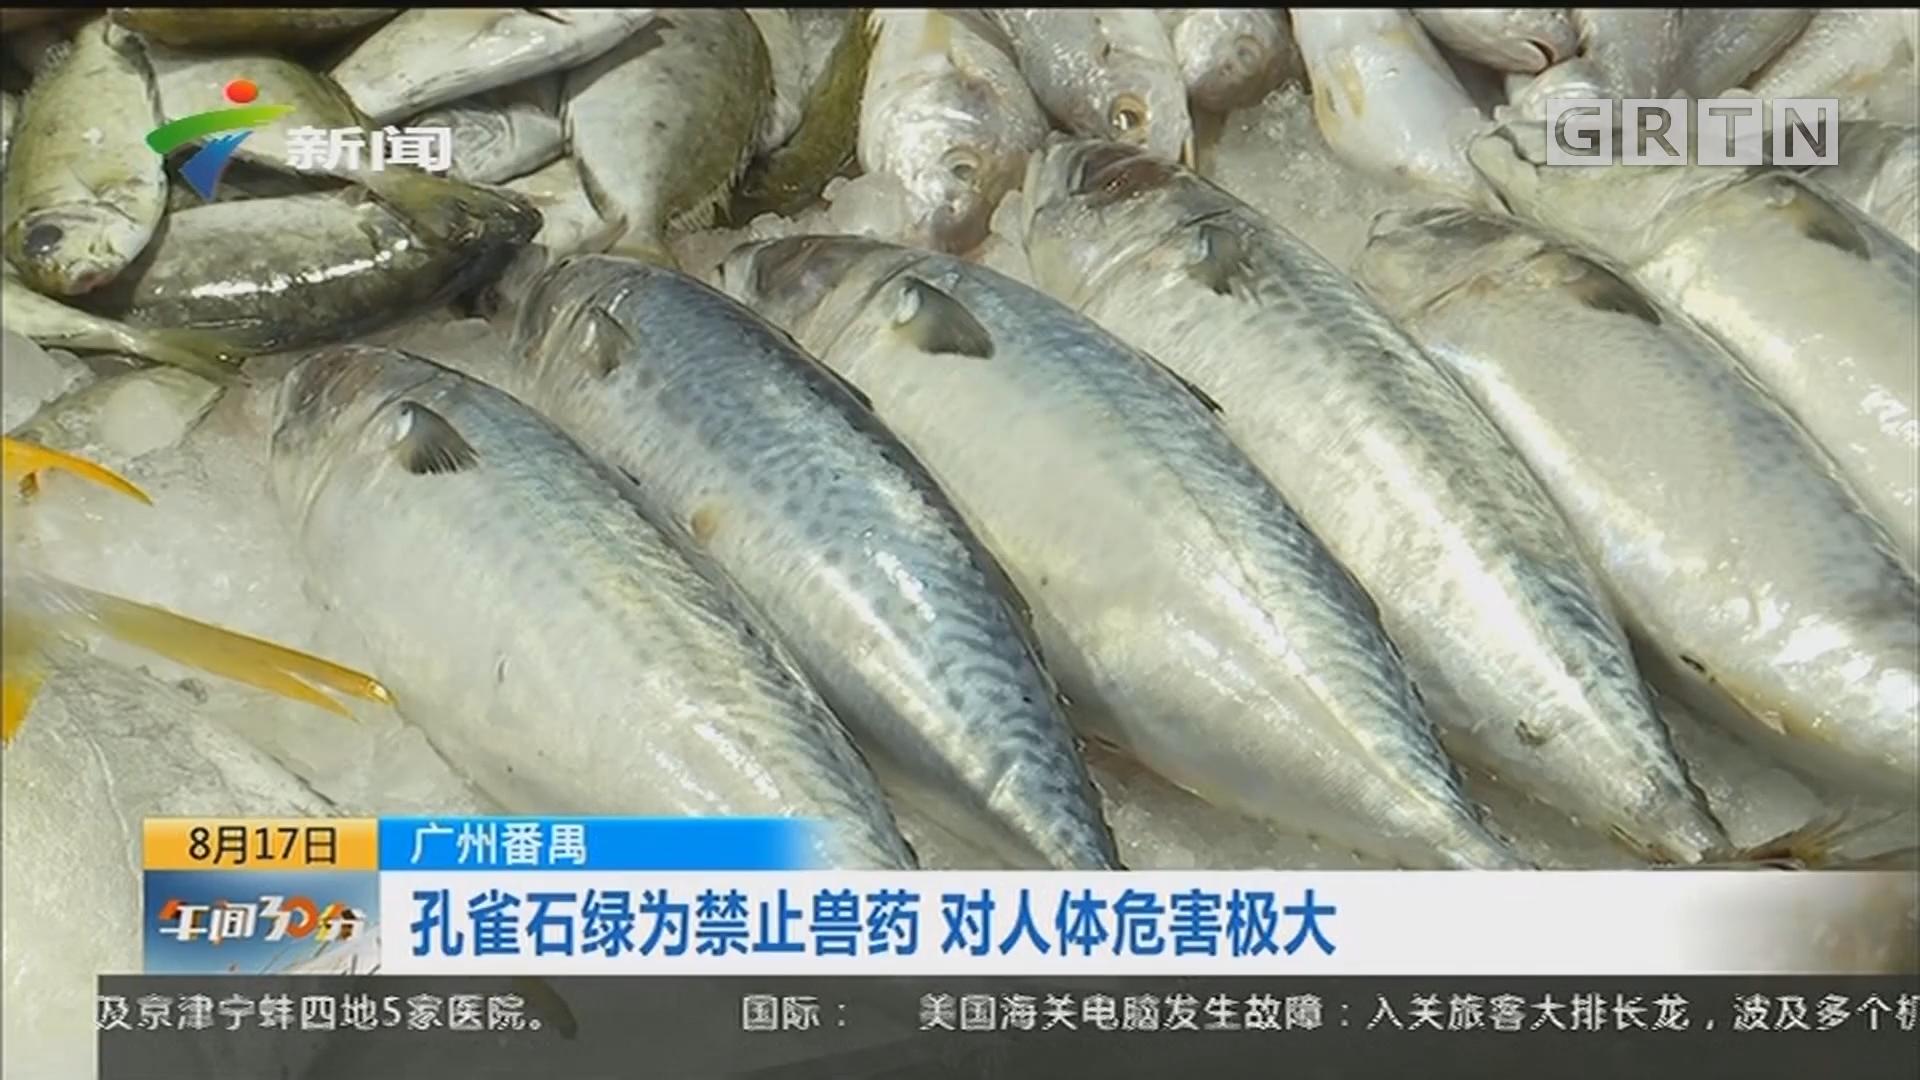 广州番禺:水产被检出含孔雀石绿 海鲜档仍照常营业